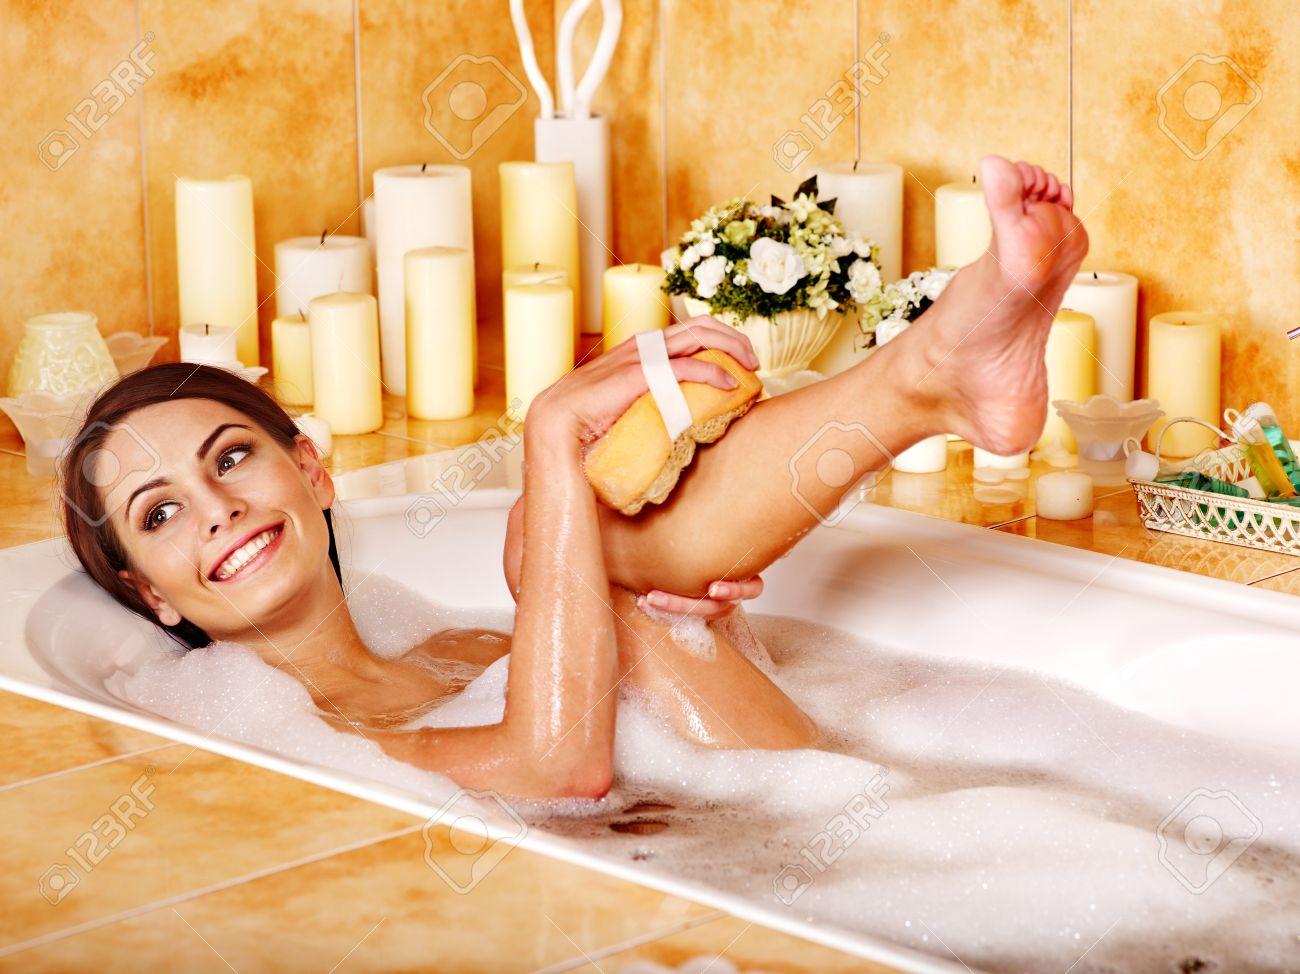 Фото как мыть баб 28 фотография